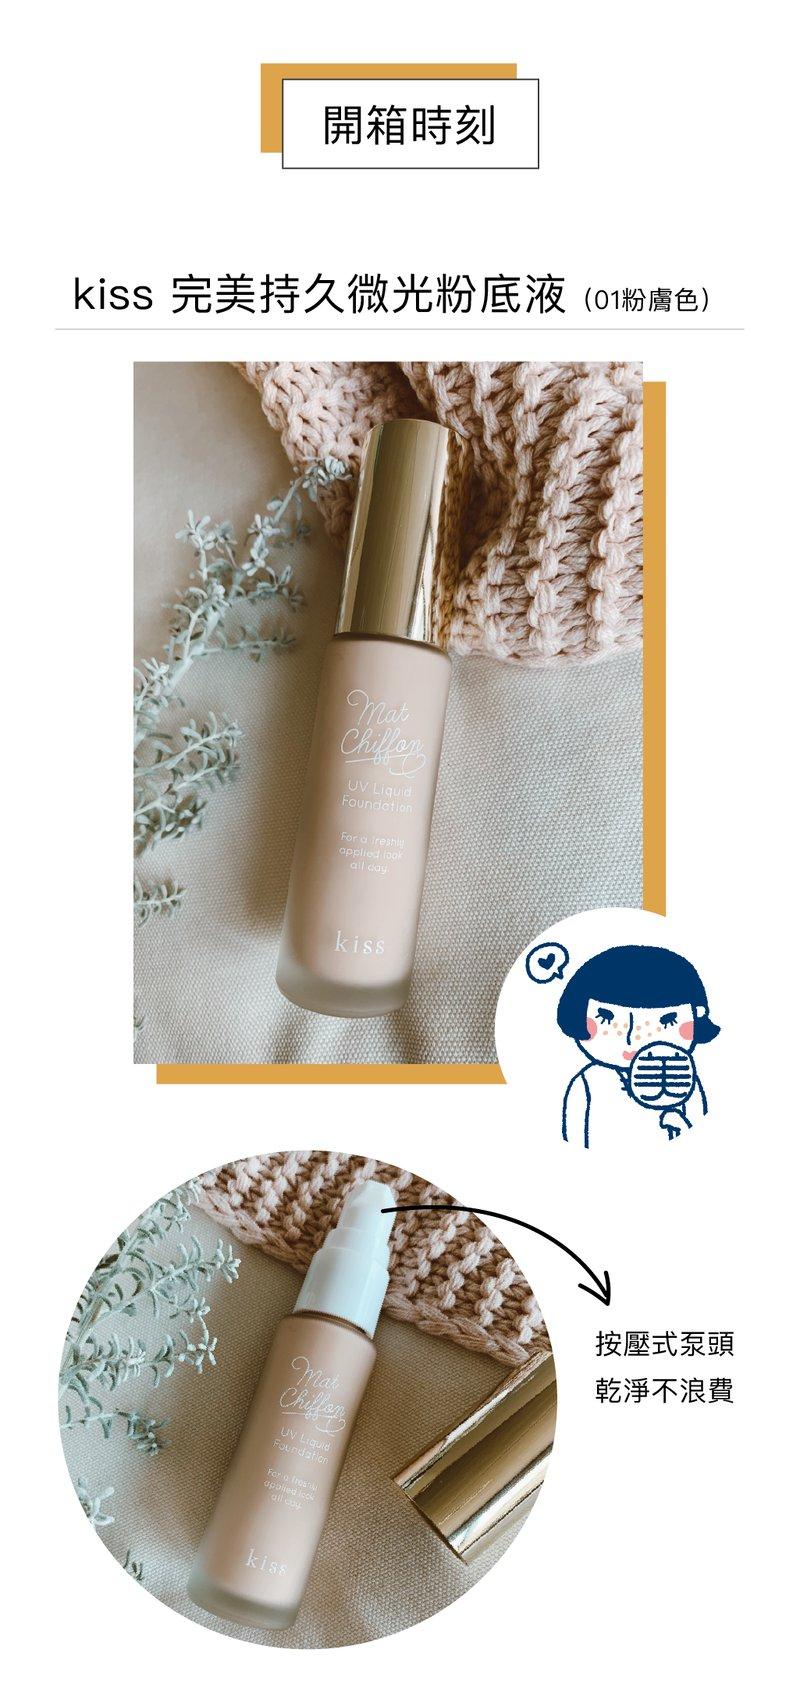 kiss 完美持久微光粉底液(01粉膚色)